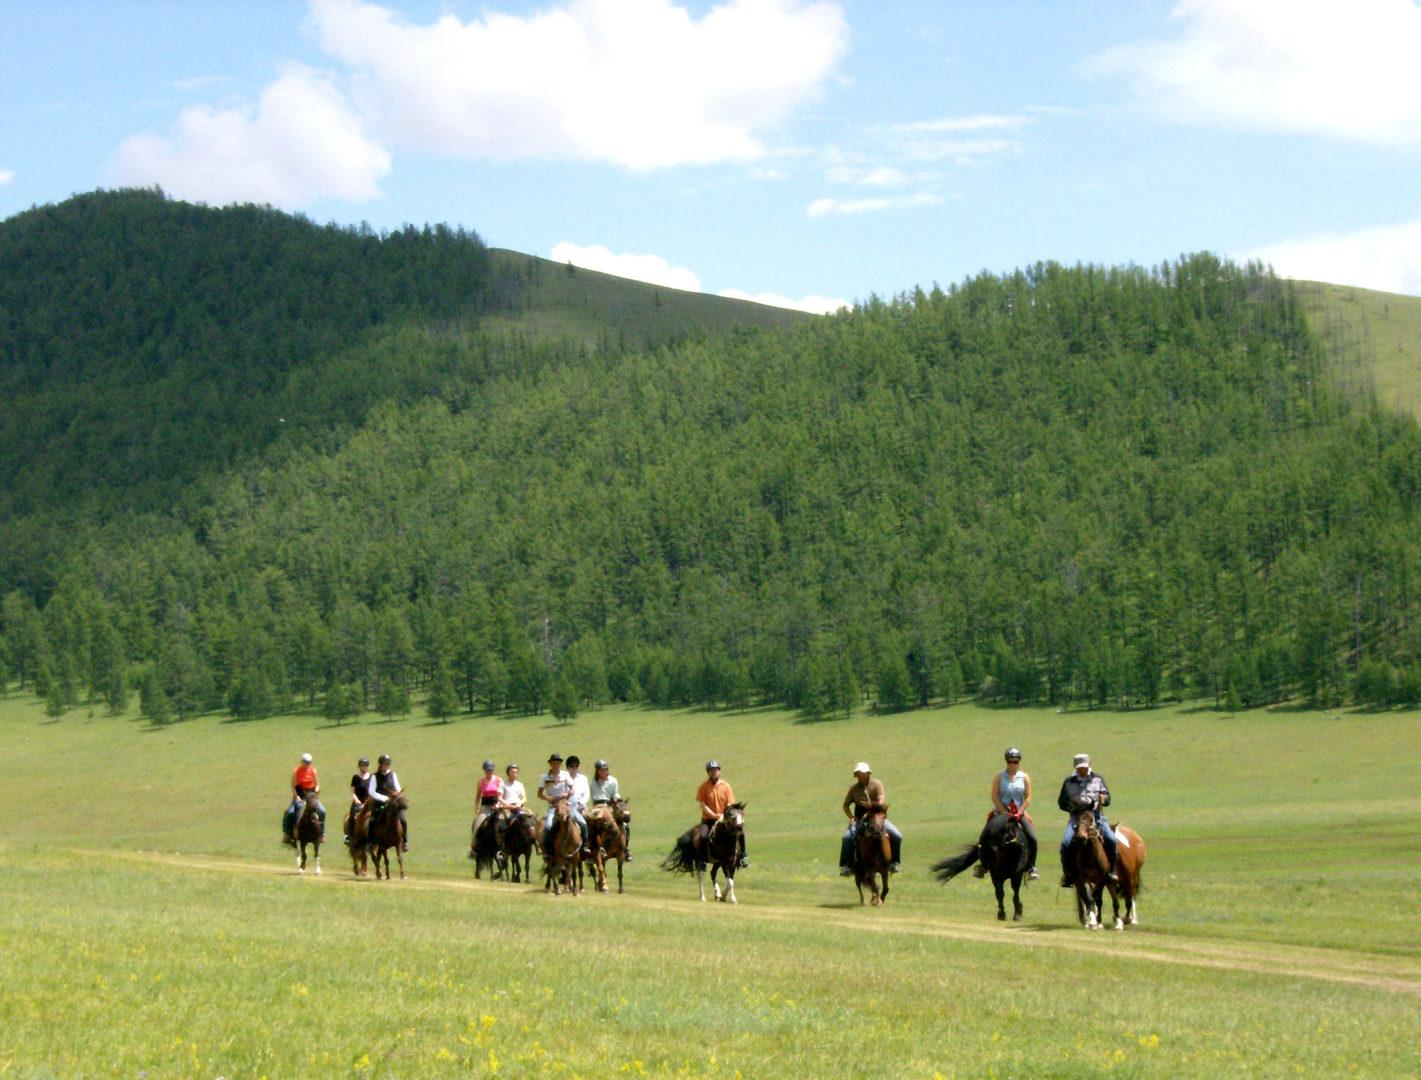 Mongolei-Reise: Reit- und Geländewagentour